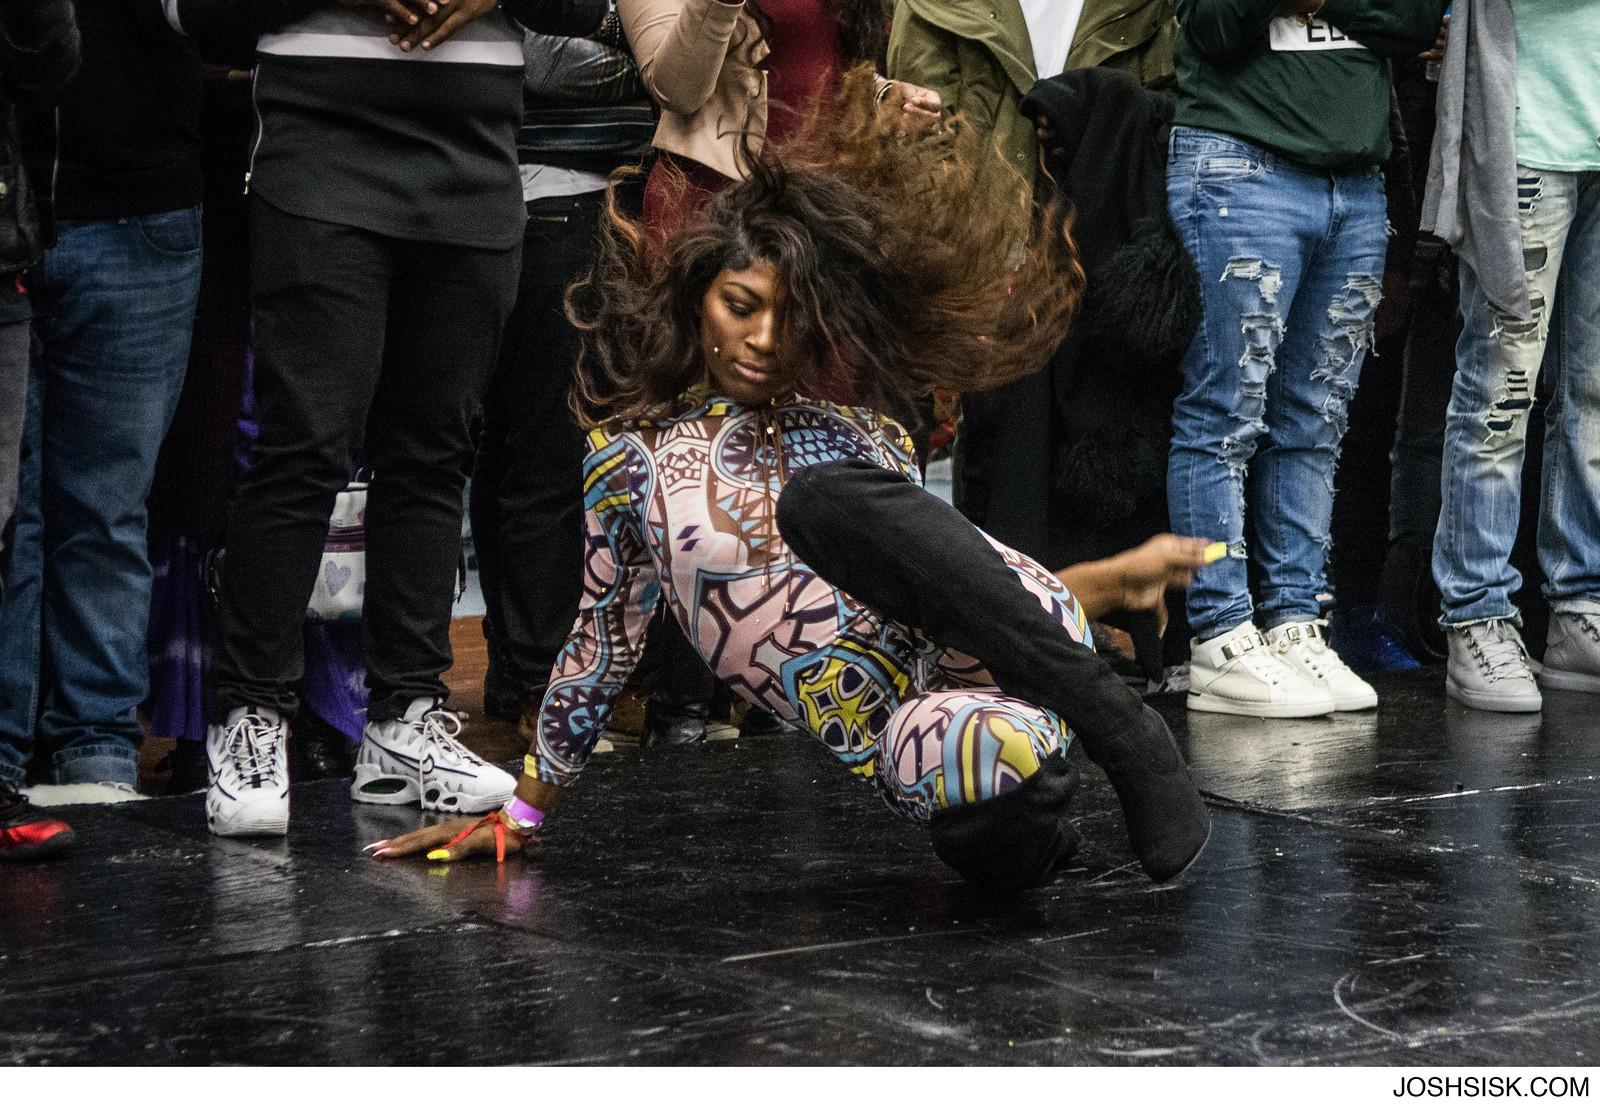 2016 Baltimore Vogue Ball